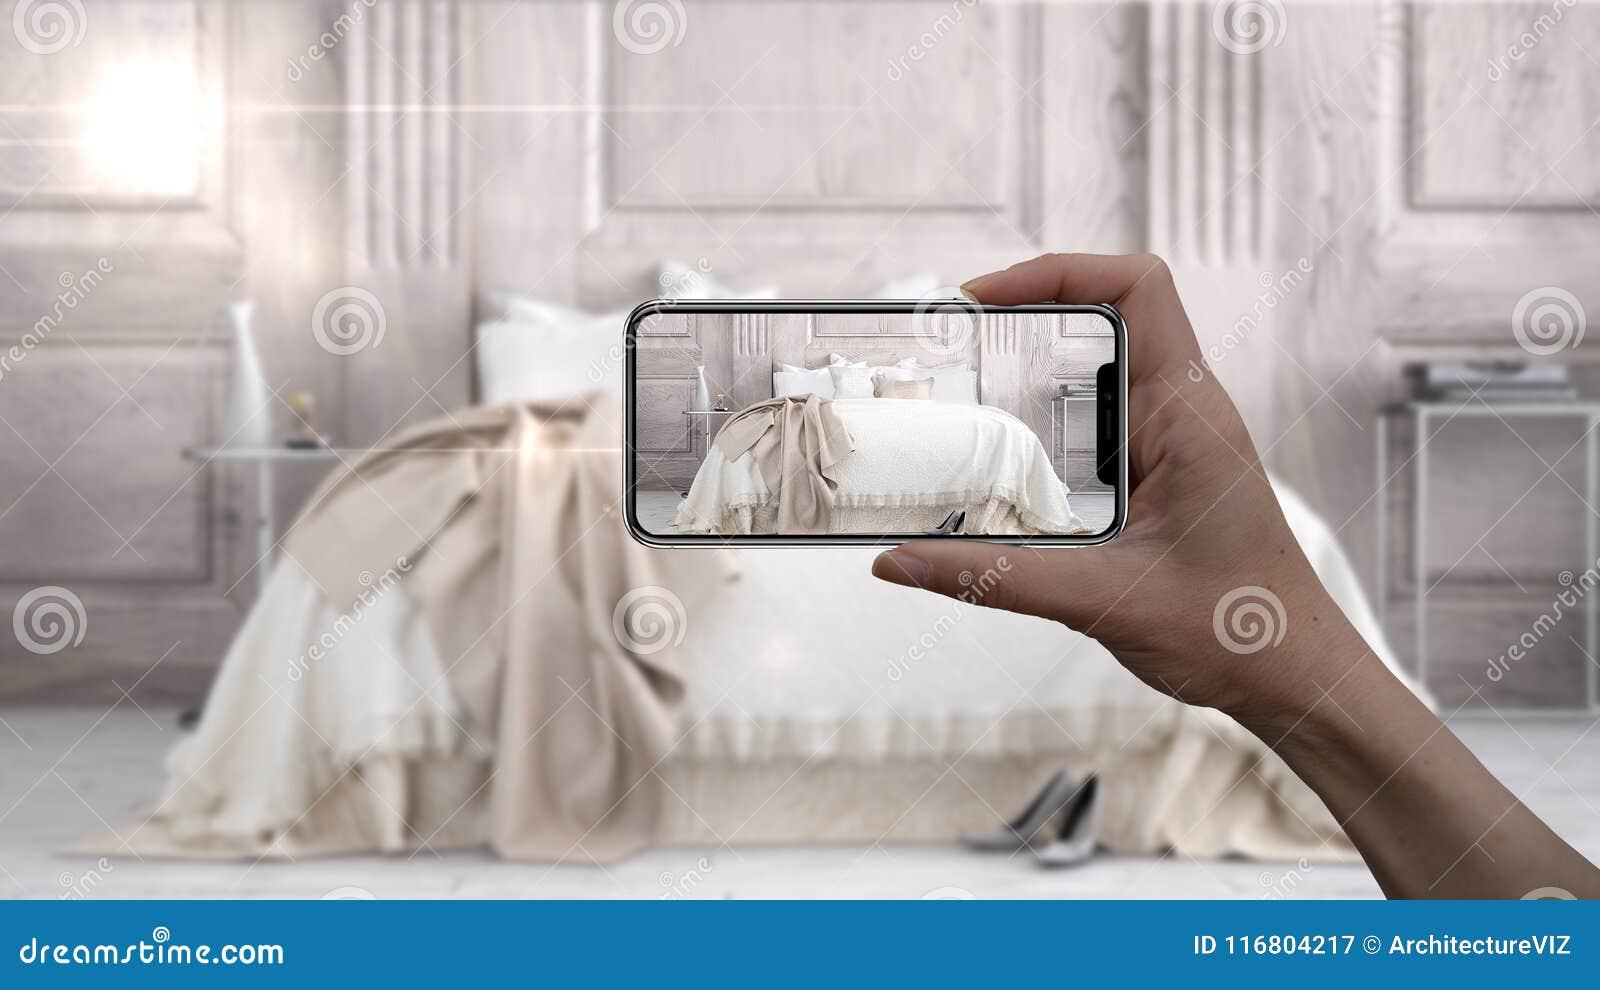 Το χέρι που κρατά το έξυπνο τηλέφωνο, εφαρμογή του AR, μιμείται τα έπιπλα και τα εσωτερικά προϊόντα σχεδίου στο πραγματικό σπίτι,